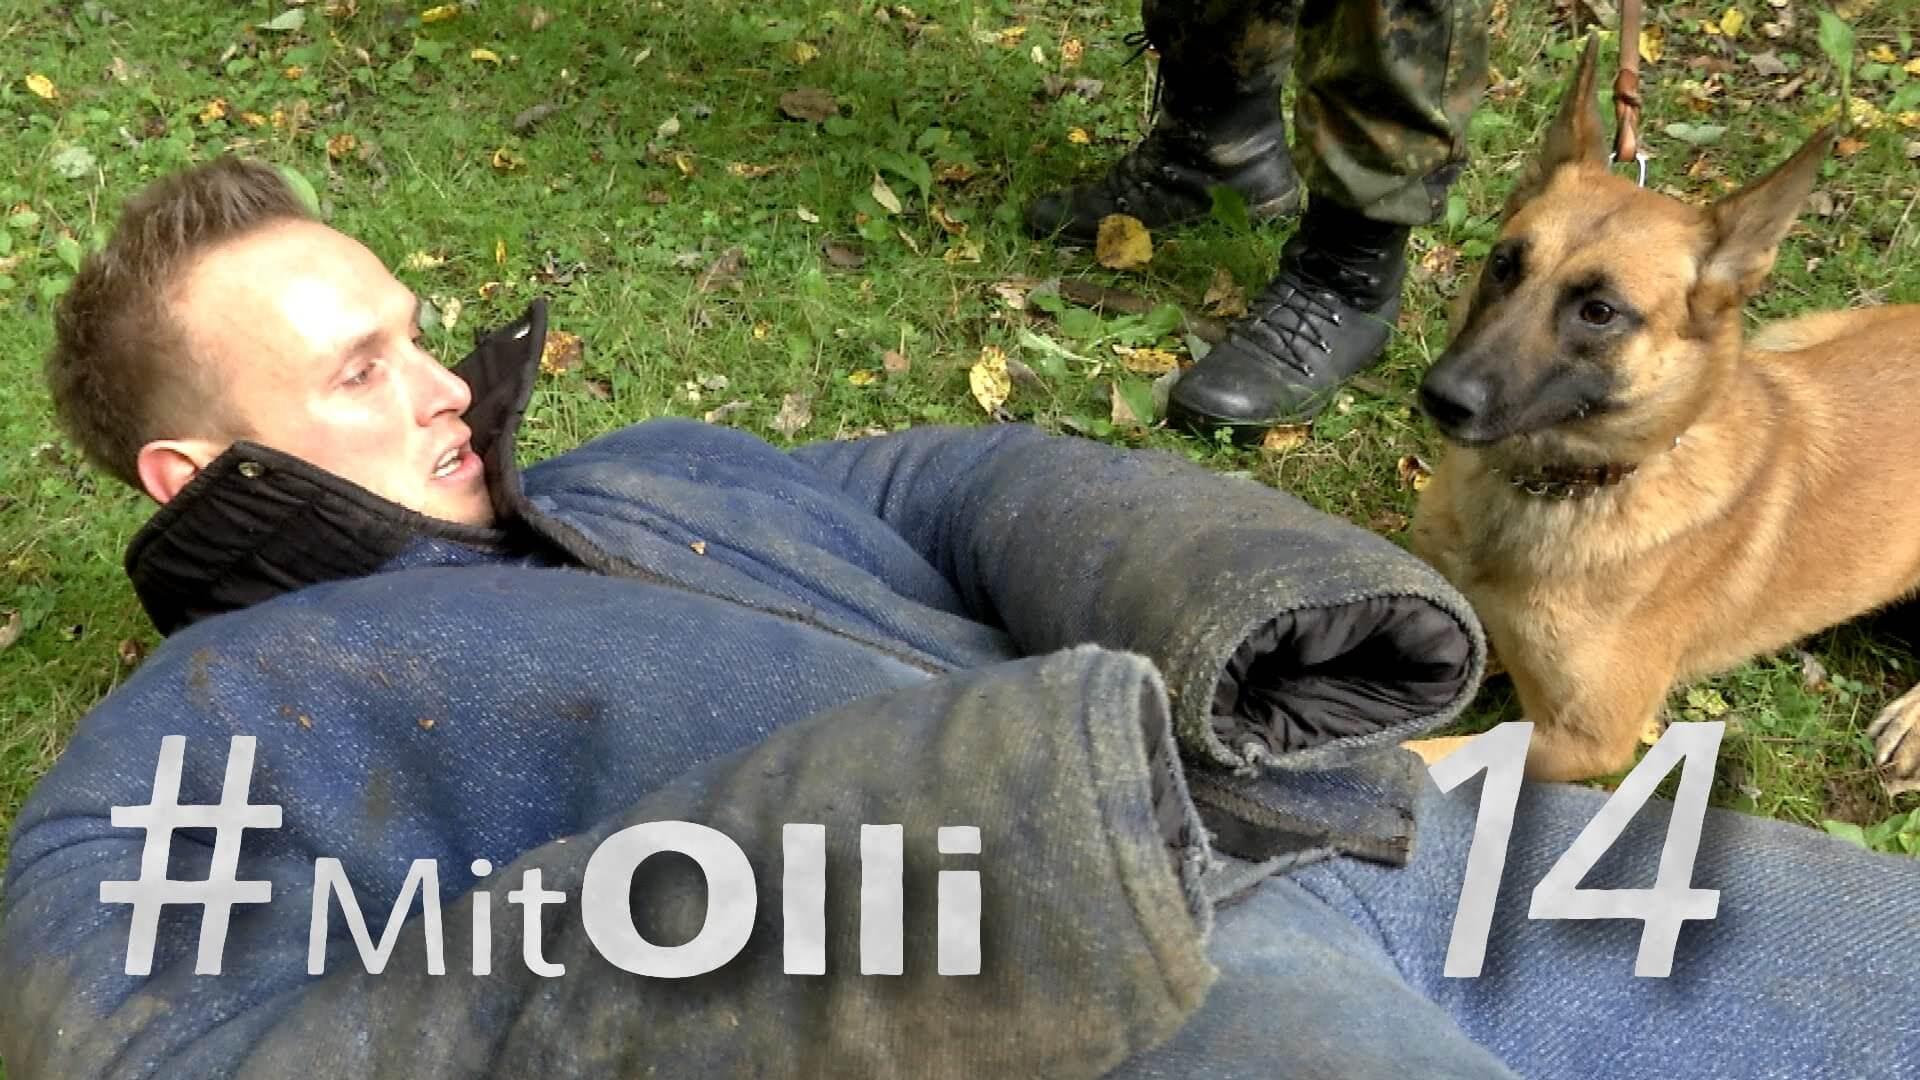 Mit Olli vom Schäferhund angefallen werden: Ein Einblick in die Diensthundeschule